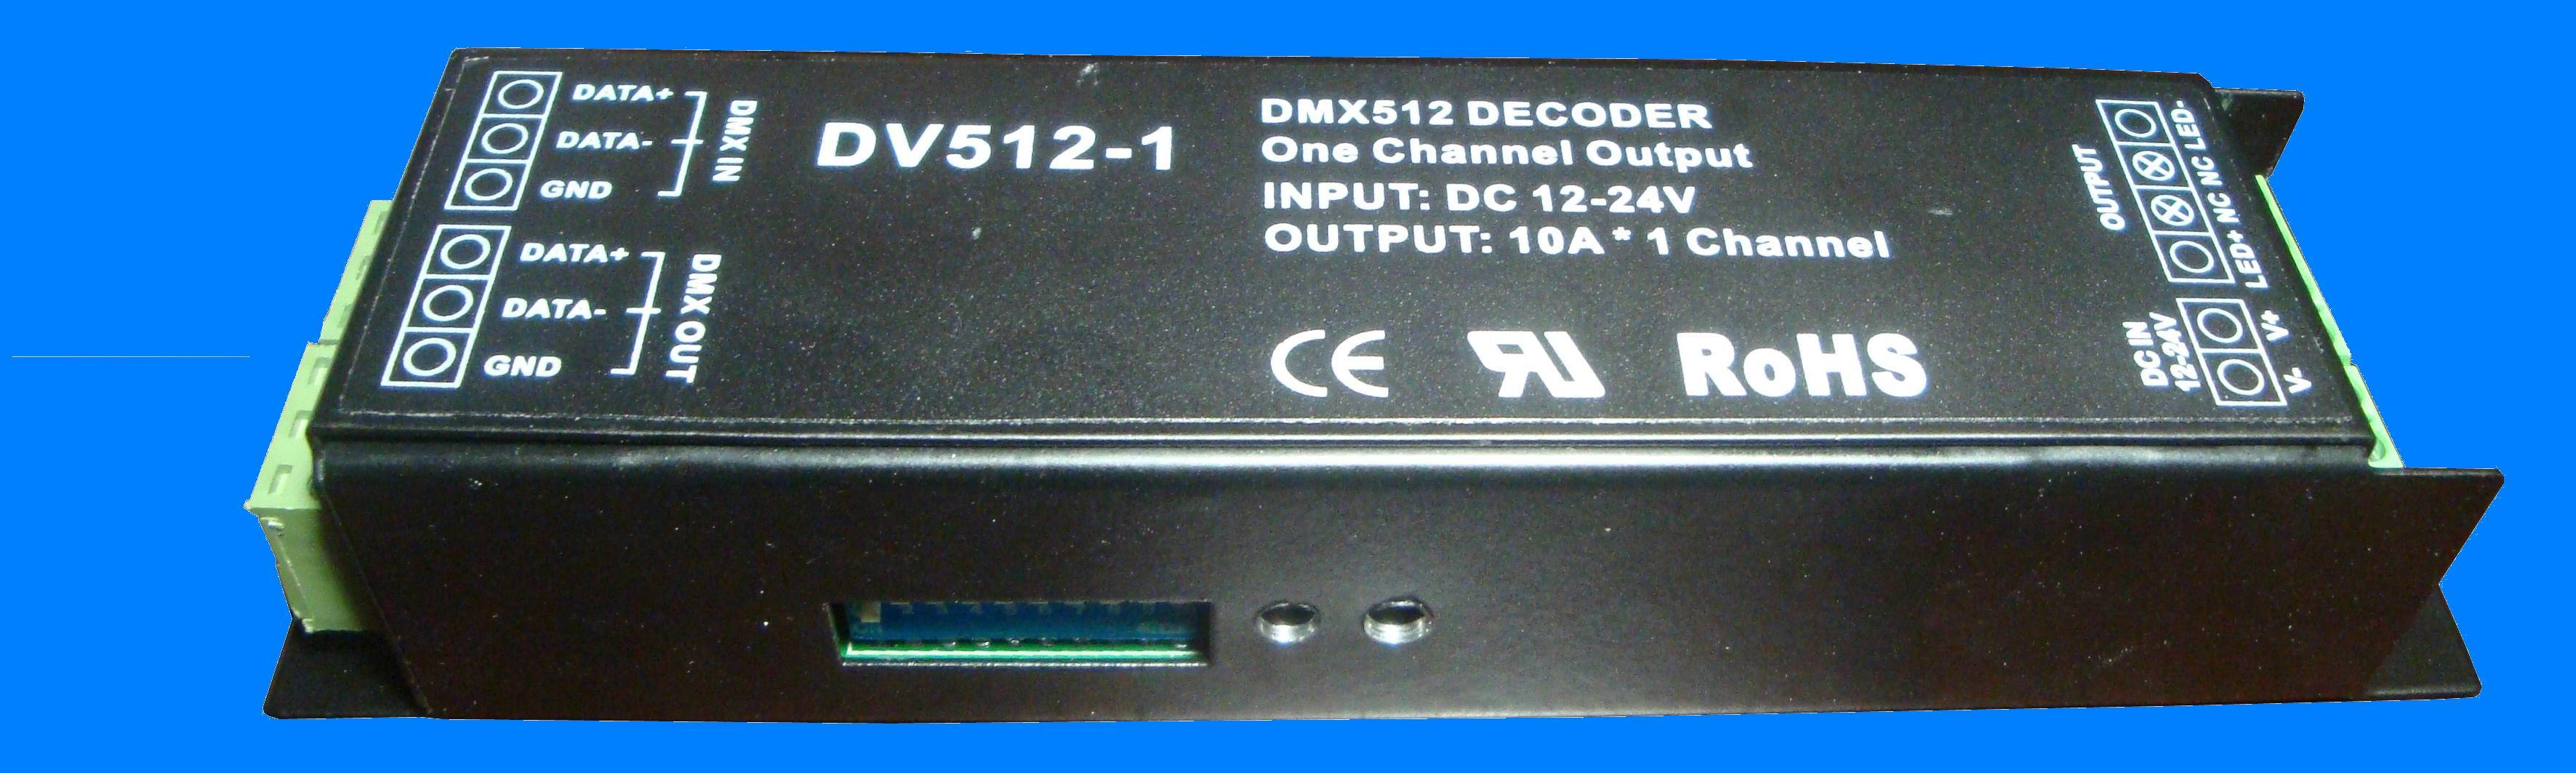 DMX512 decoder(10A*1CH.)